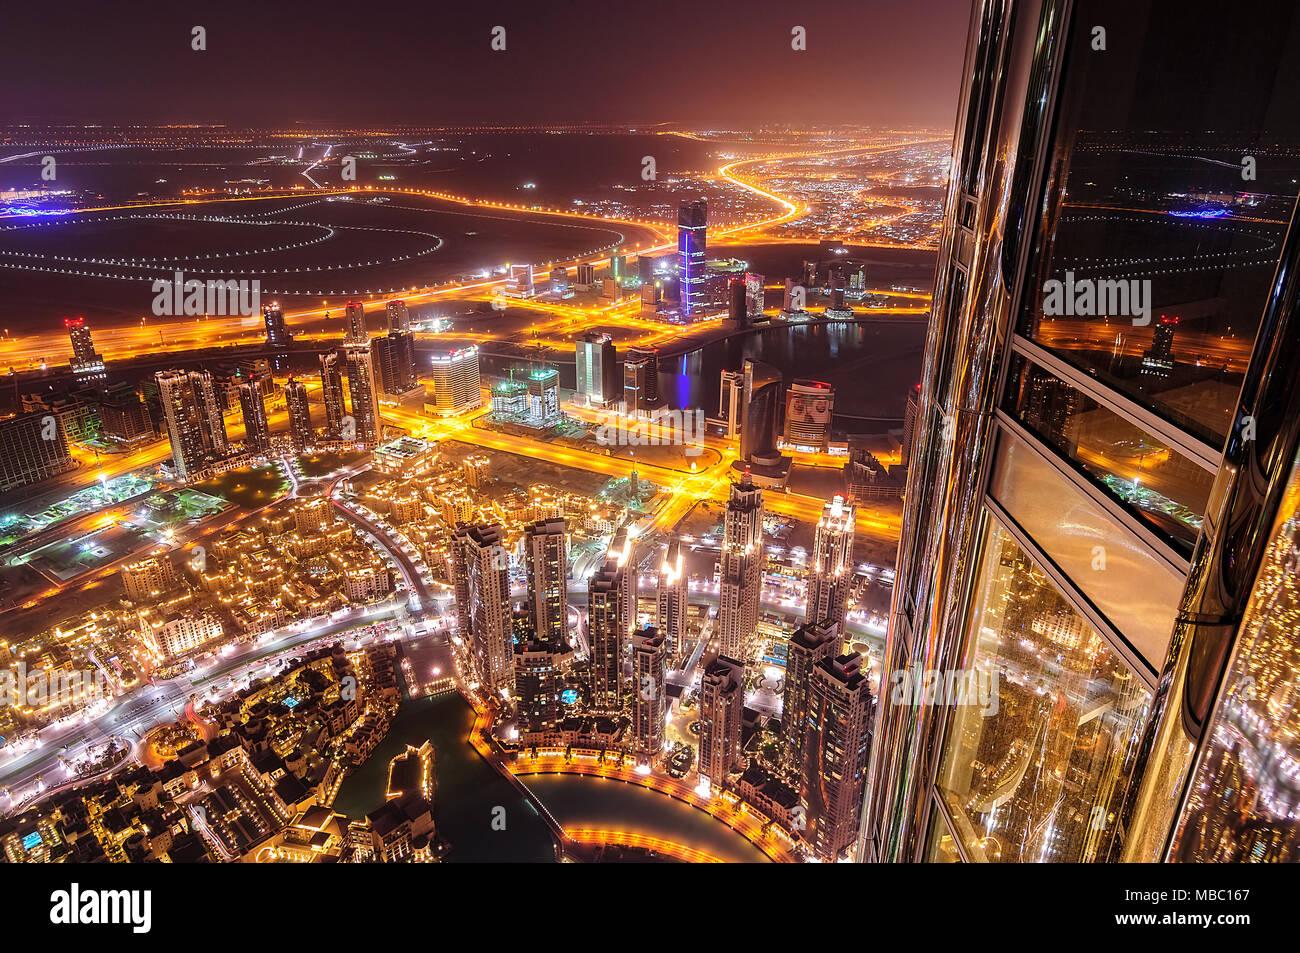 DUBAI, VAE - Apr 14, 2013: Dubai Downtown Luftbild bei Nacht vom höchsten Wolkenkratzer der Welt Burj Khalifa, Dubai, Vereinigte Arabische Emirate Stockbild